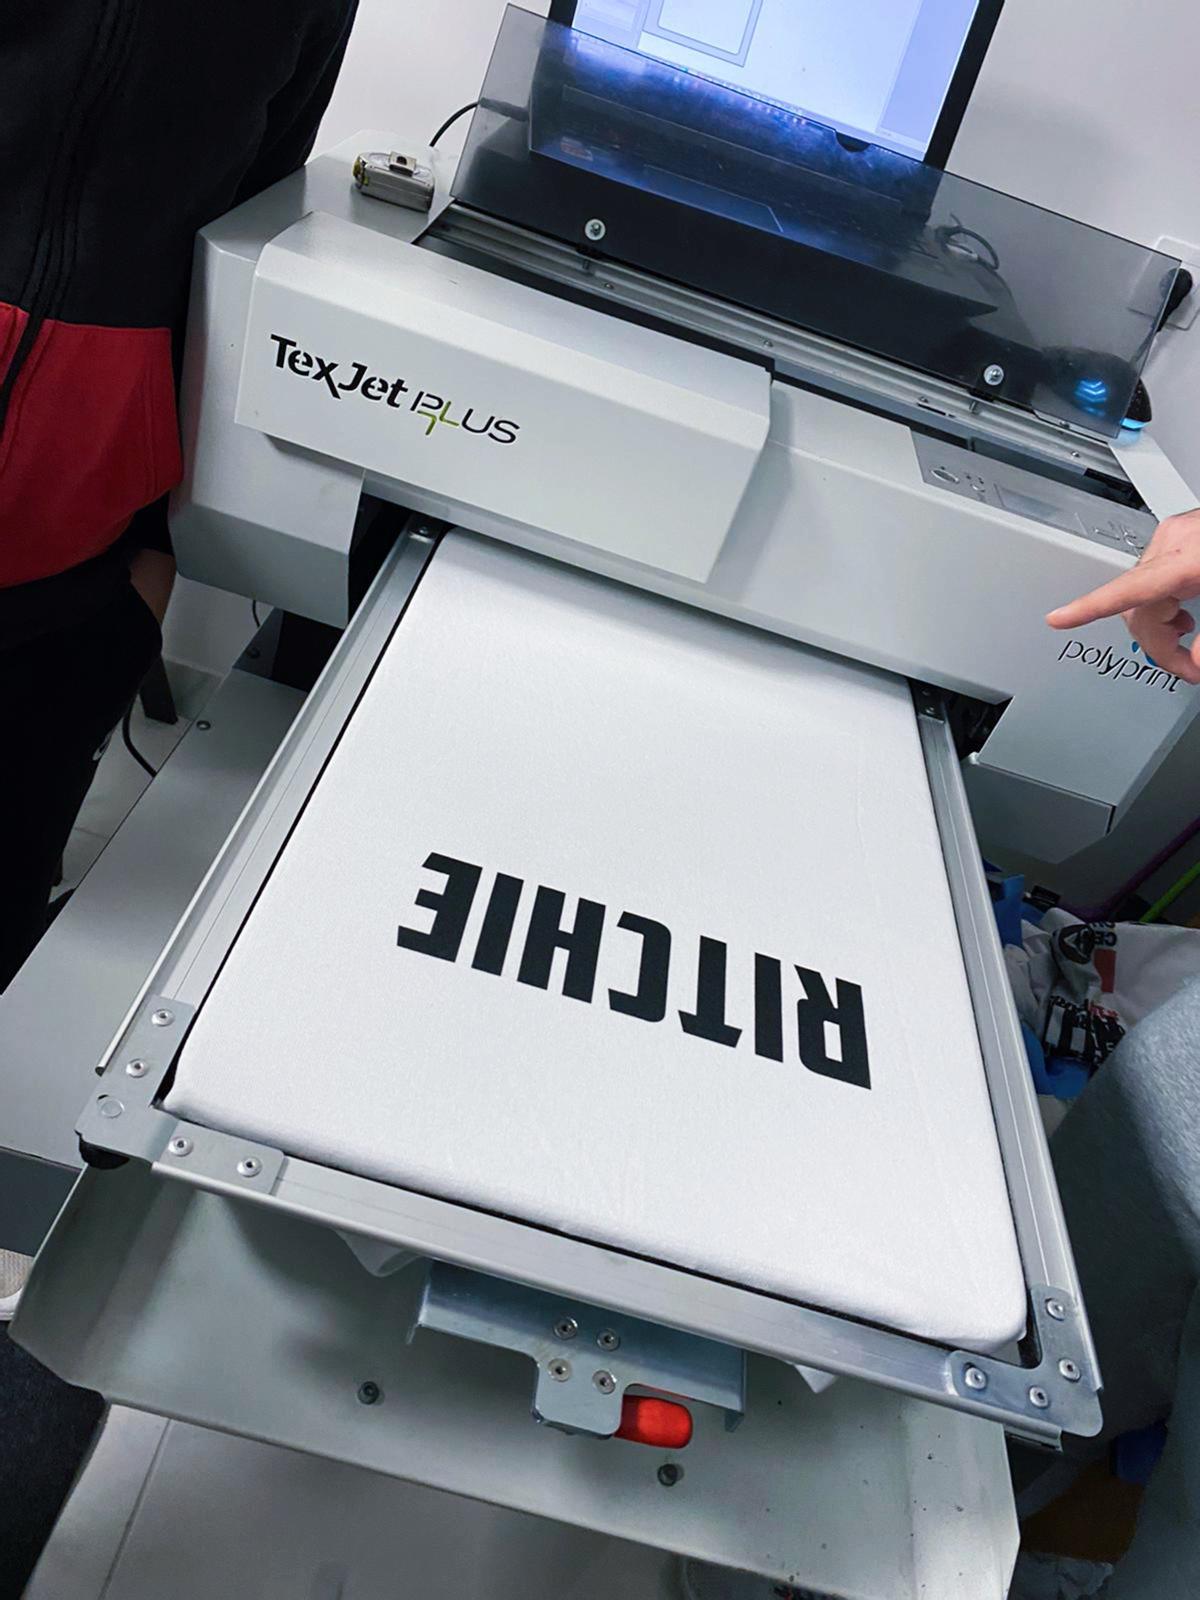 Une journée dans un atelier d'impression textile !